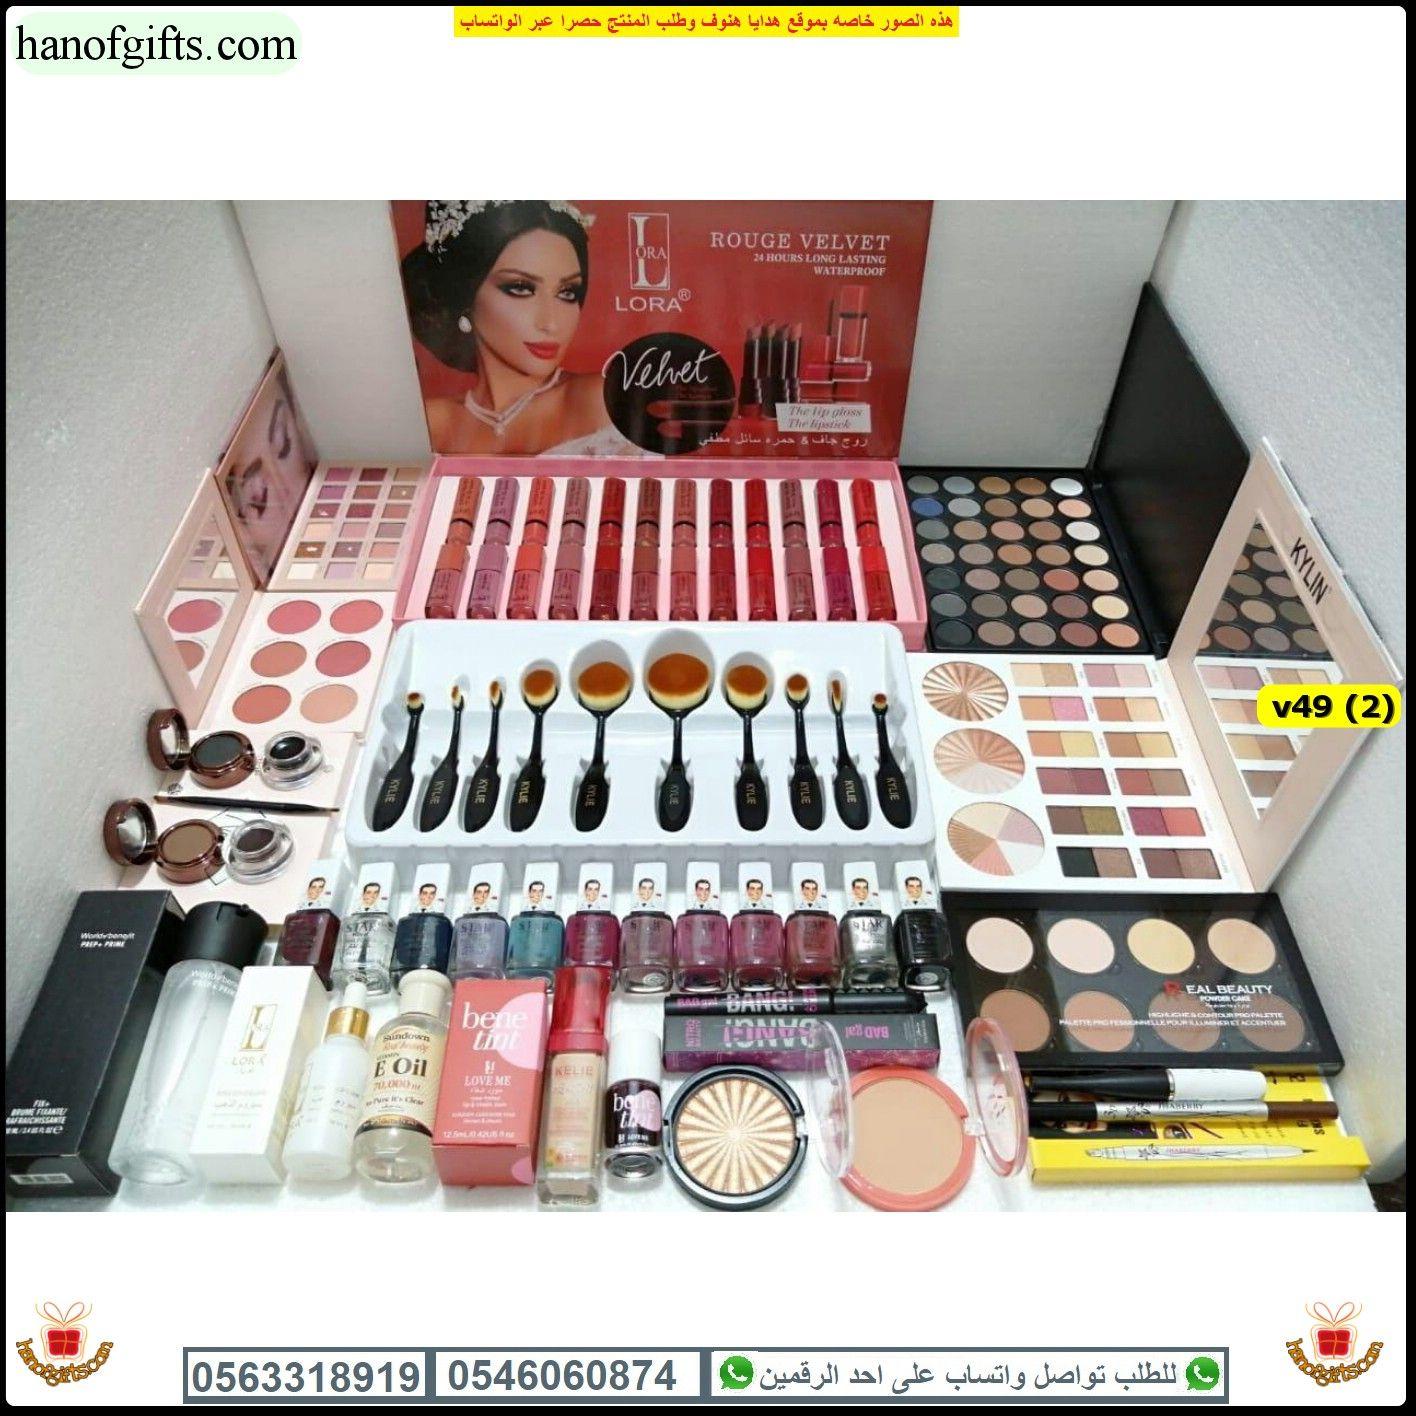 مجموعة مكياج هدية عرض مميز يصلح كهدية مكون من 20 قطعة هدايا هنوف Eyeshadow Velvet Beauty